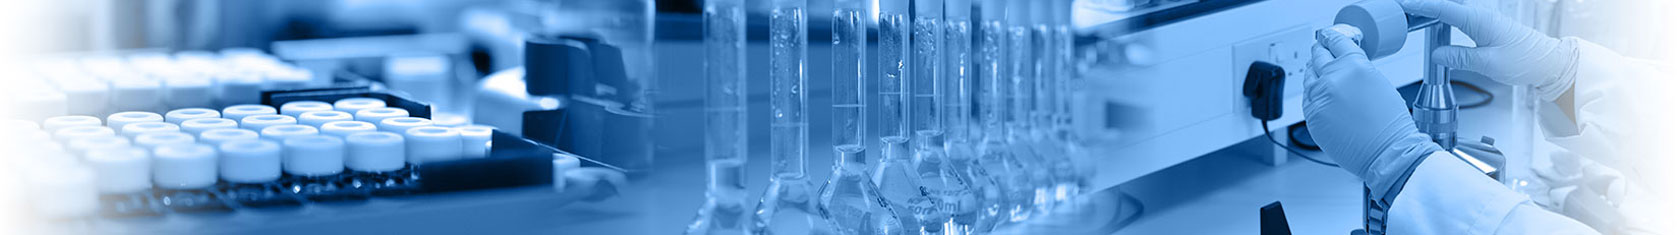 http://nanopharm.co.uk/wp-content/uploads/2015/08/inner-pharmaceutical-img1.jpg